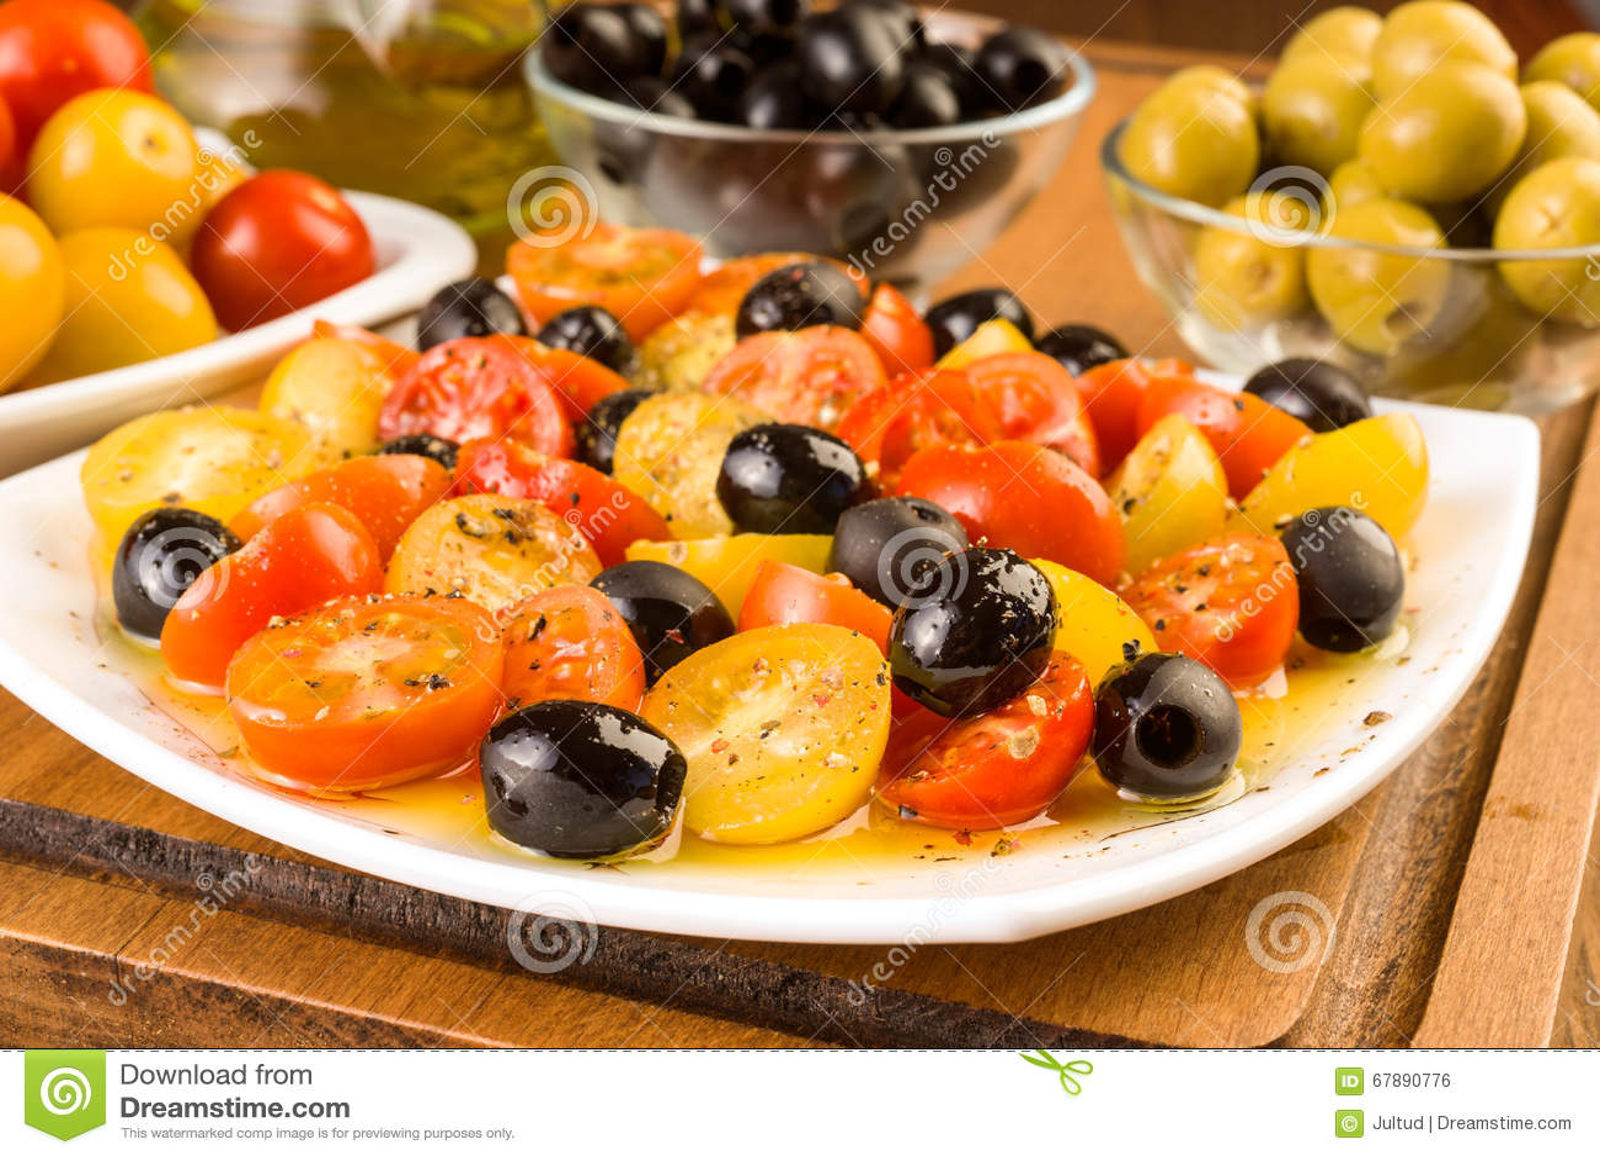 沙拉用西红柿和橄榄在木